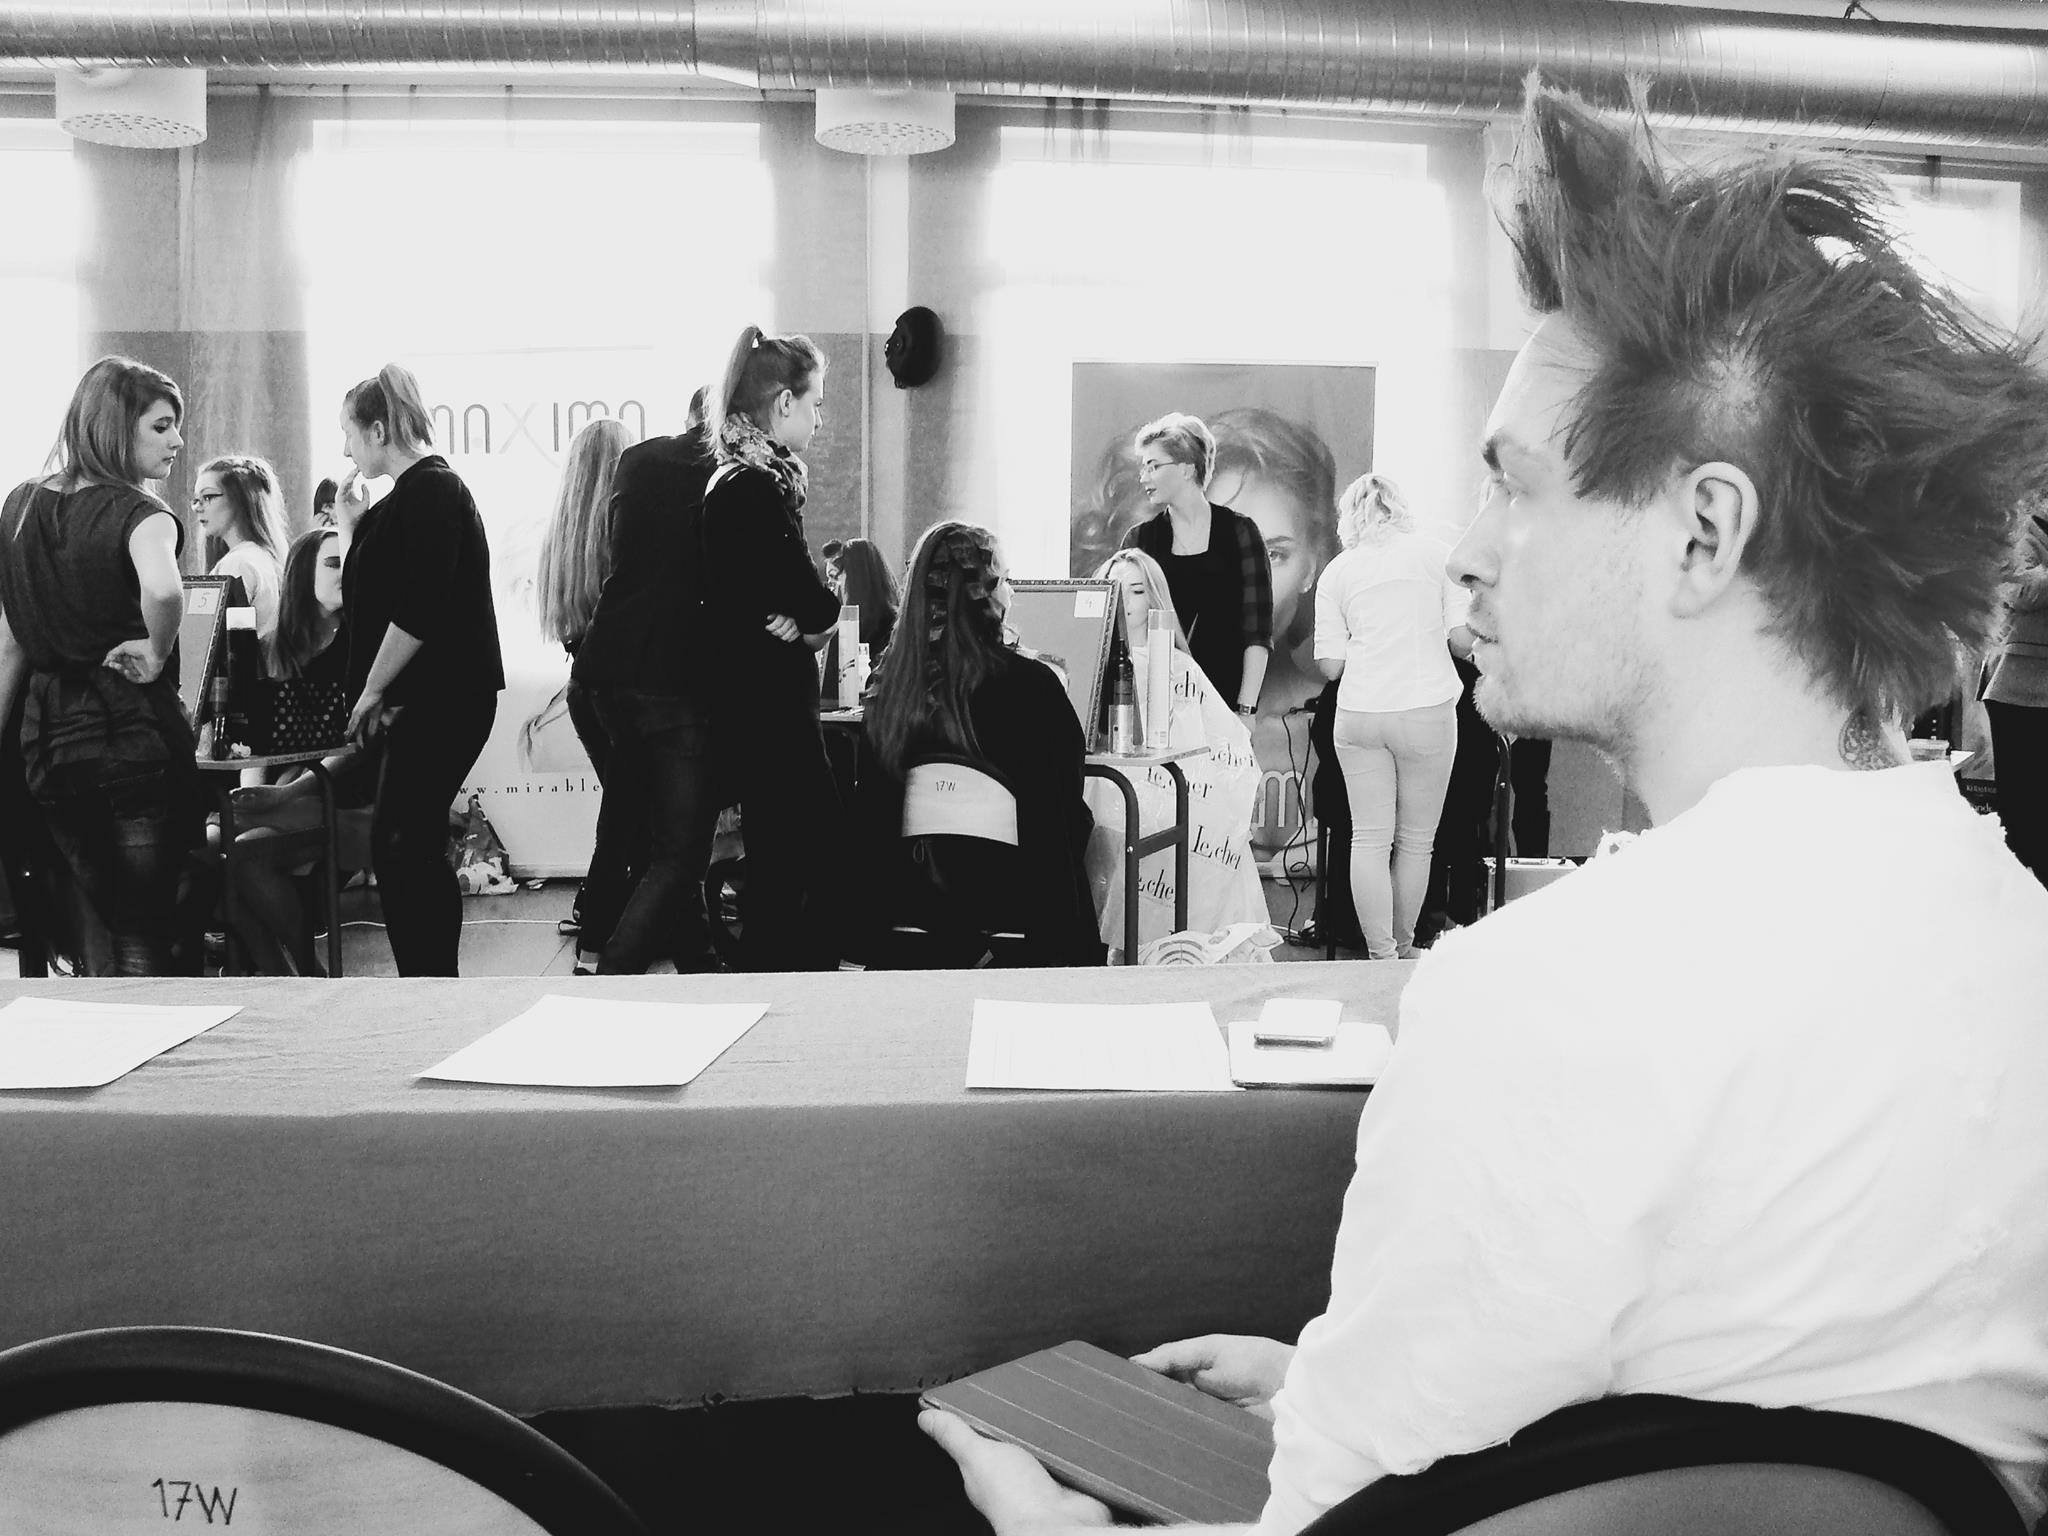 Alan Dąbrowski jururem podczas 8 frstiwalu fryzjerstwa Artystycznego.